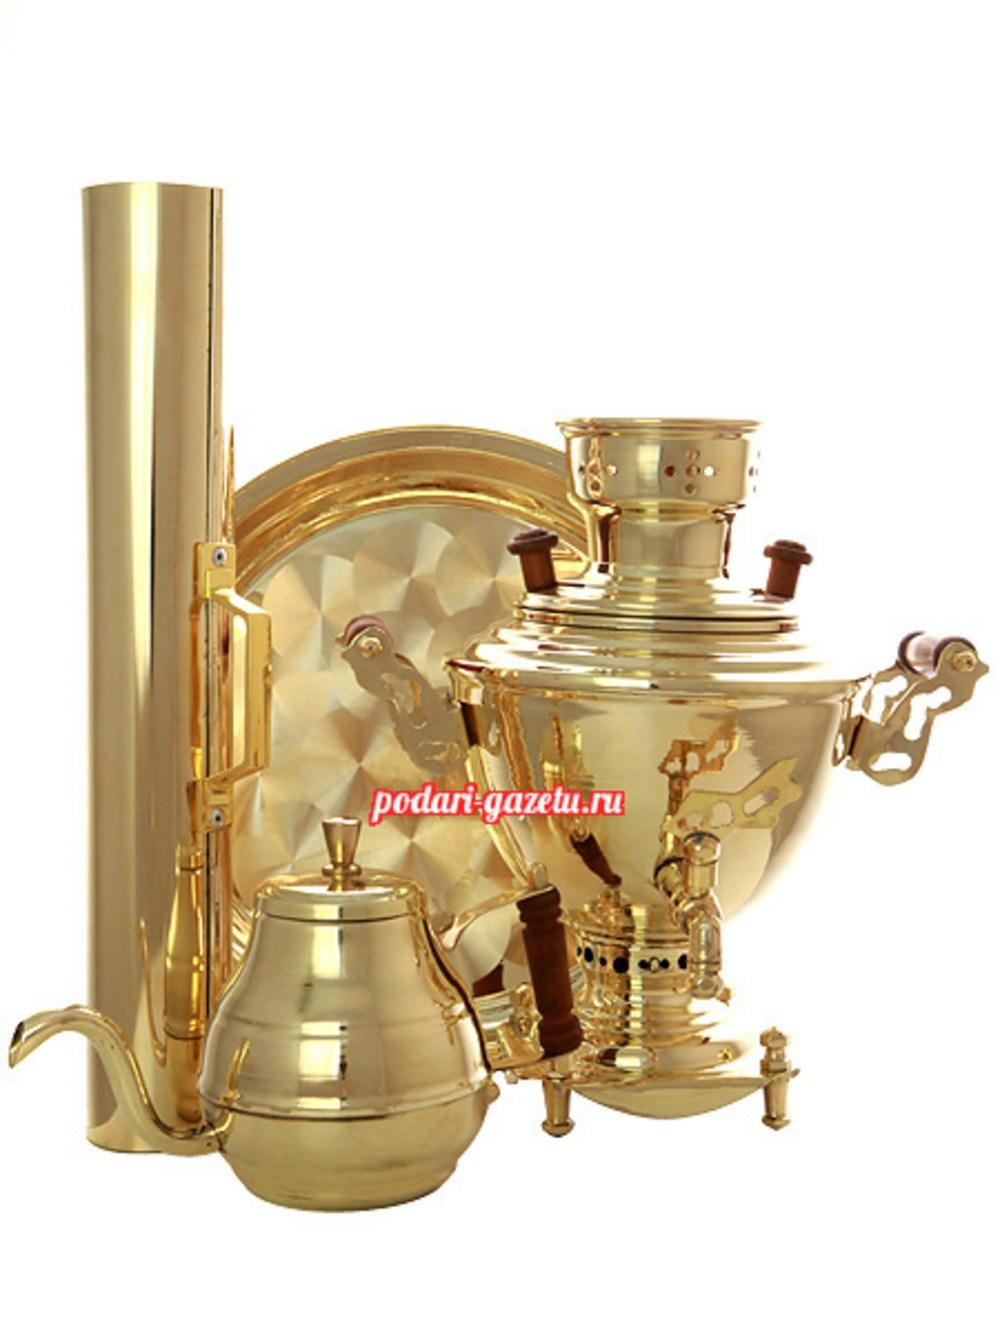 Набор: самовар на 2 литра, латунный угольный в комплекте с трубой, чайником и подносом